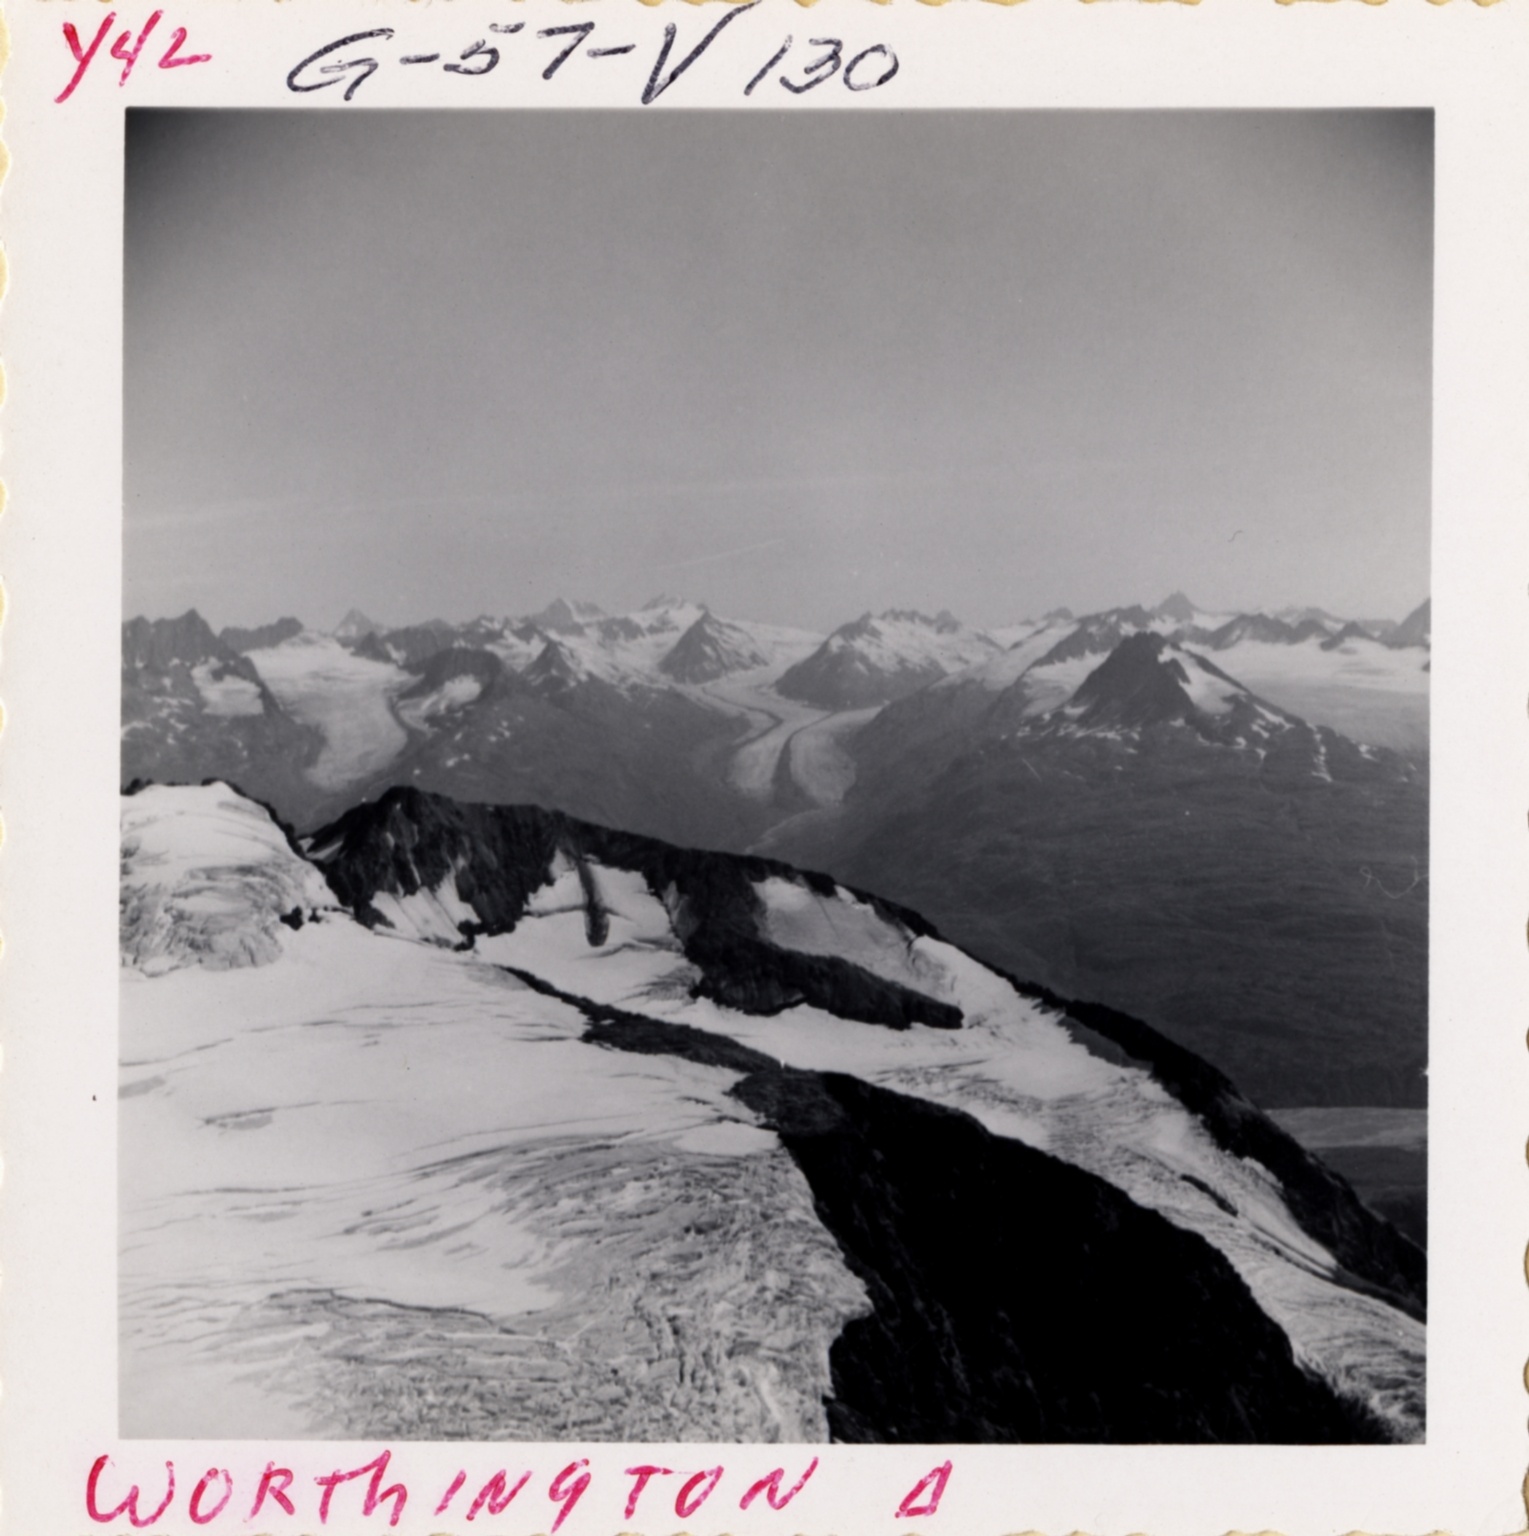 Worthington Glacier, Alaska, United States